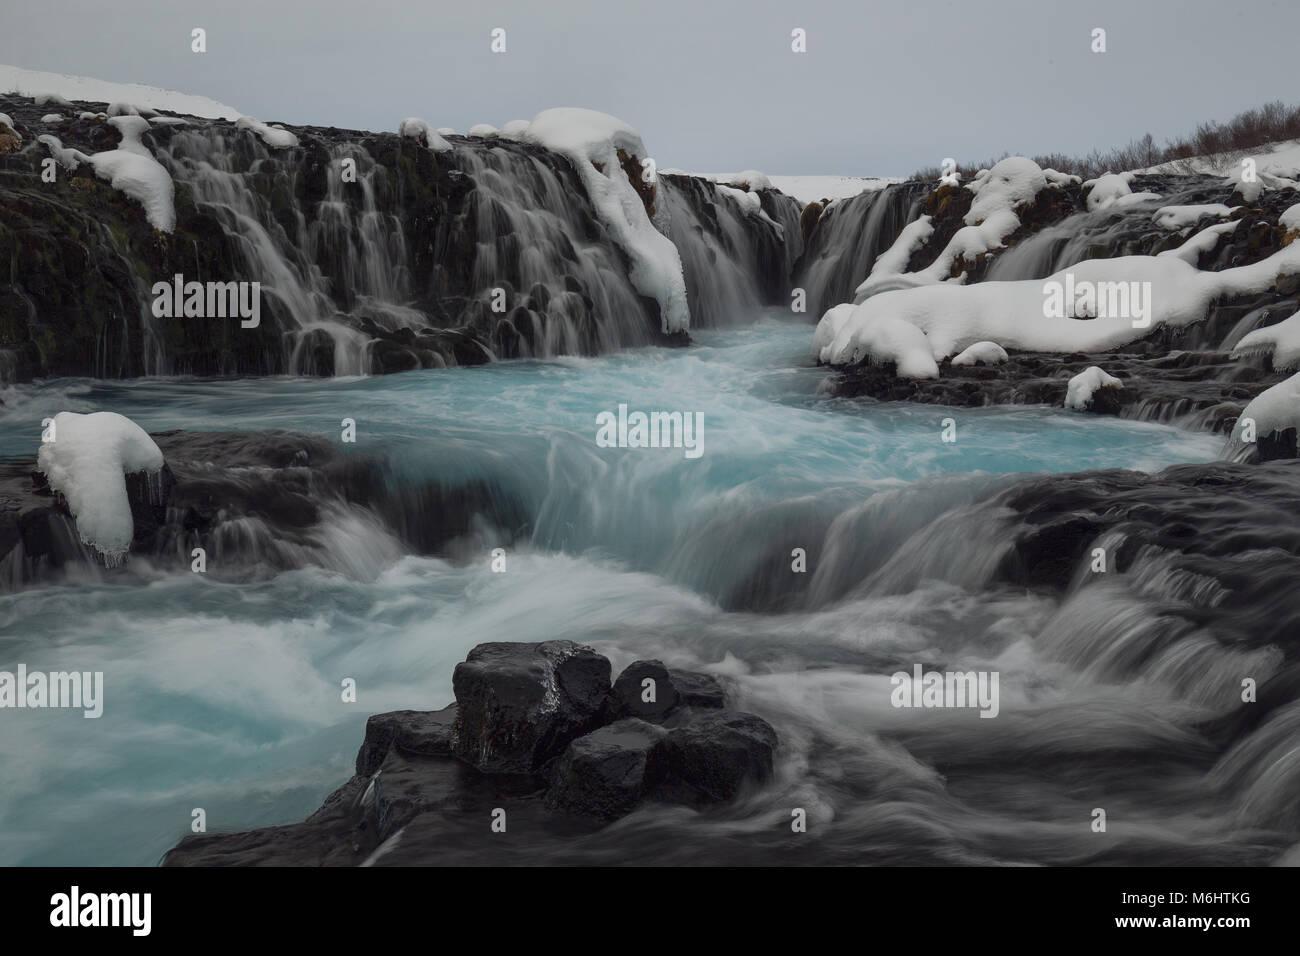 Inside Bruearfoss blue waterfall in Iceland - Stock Image